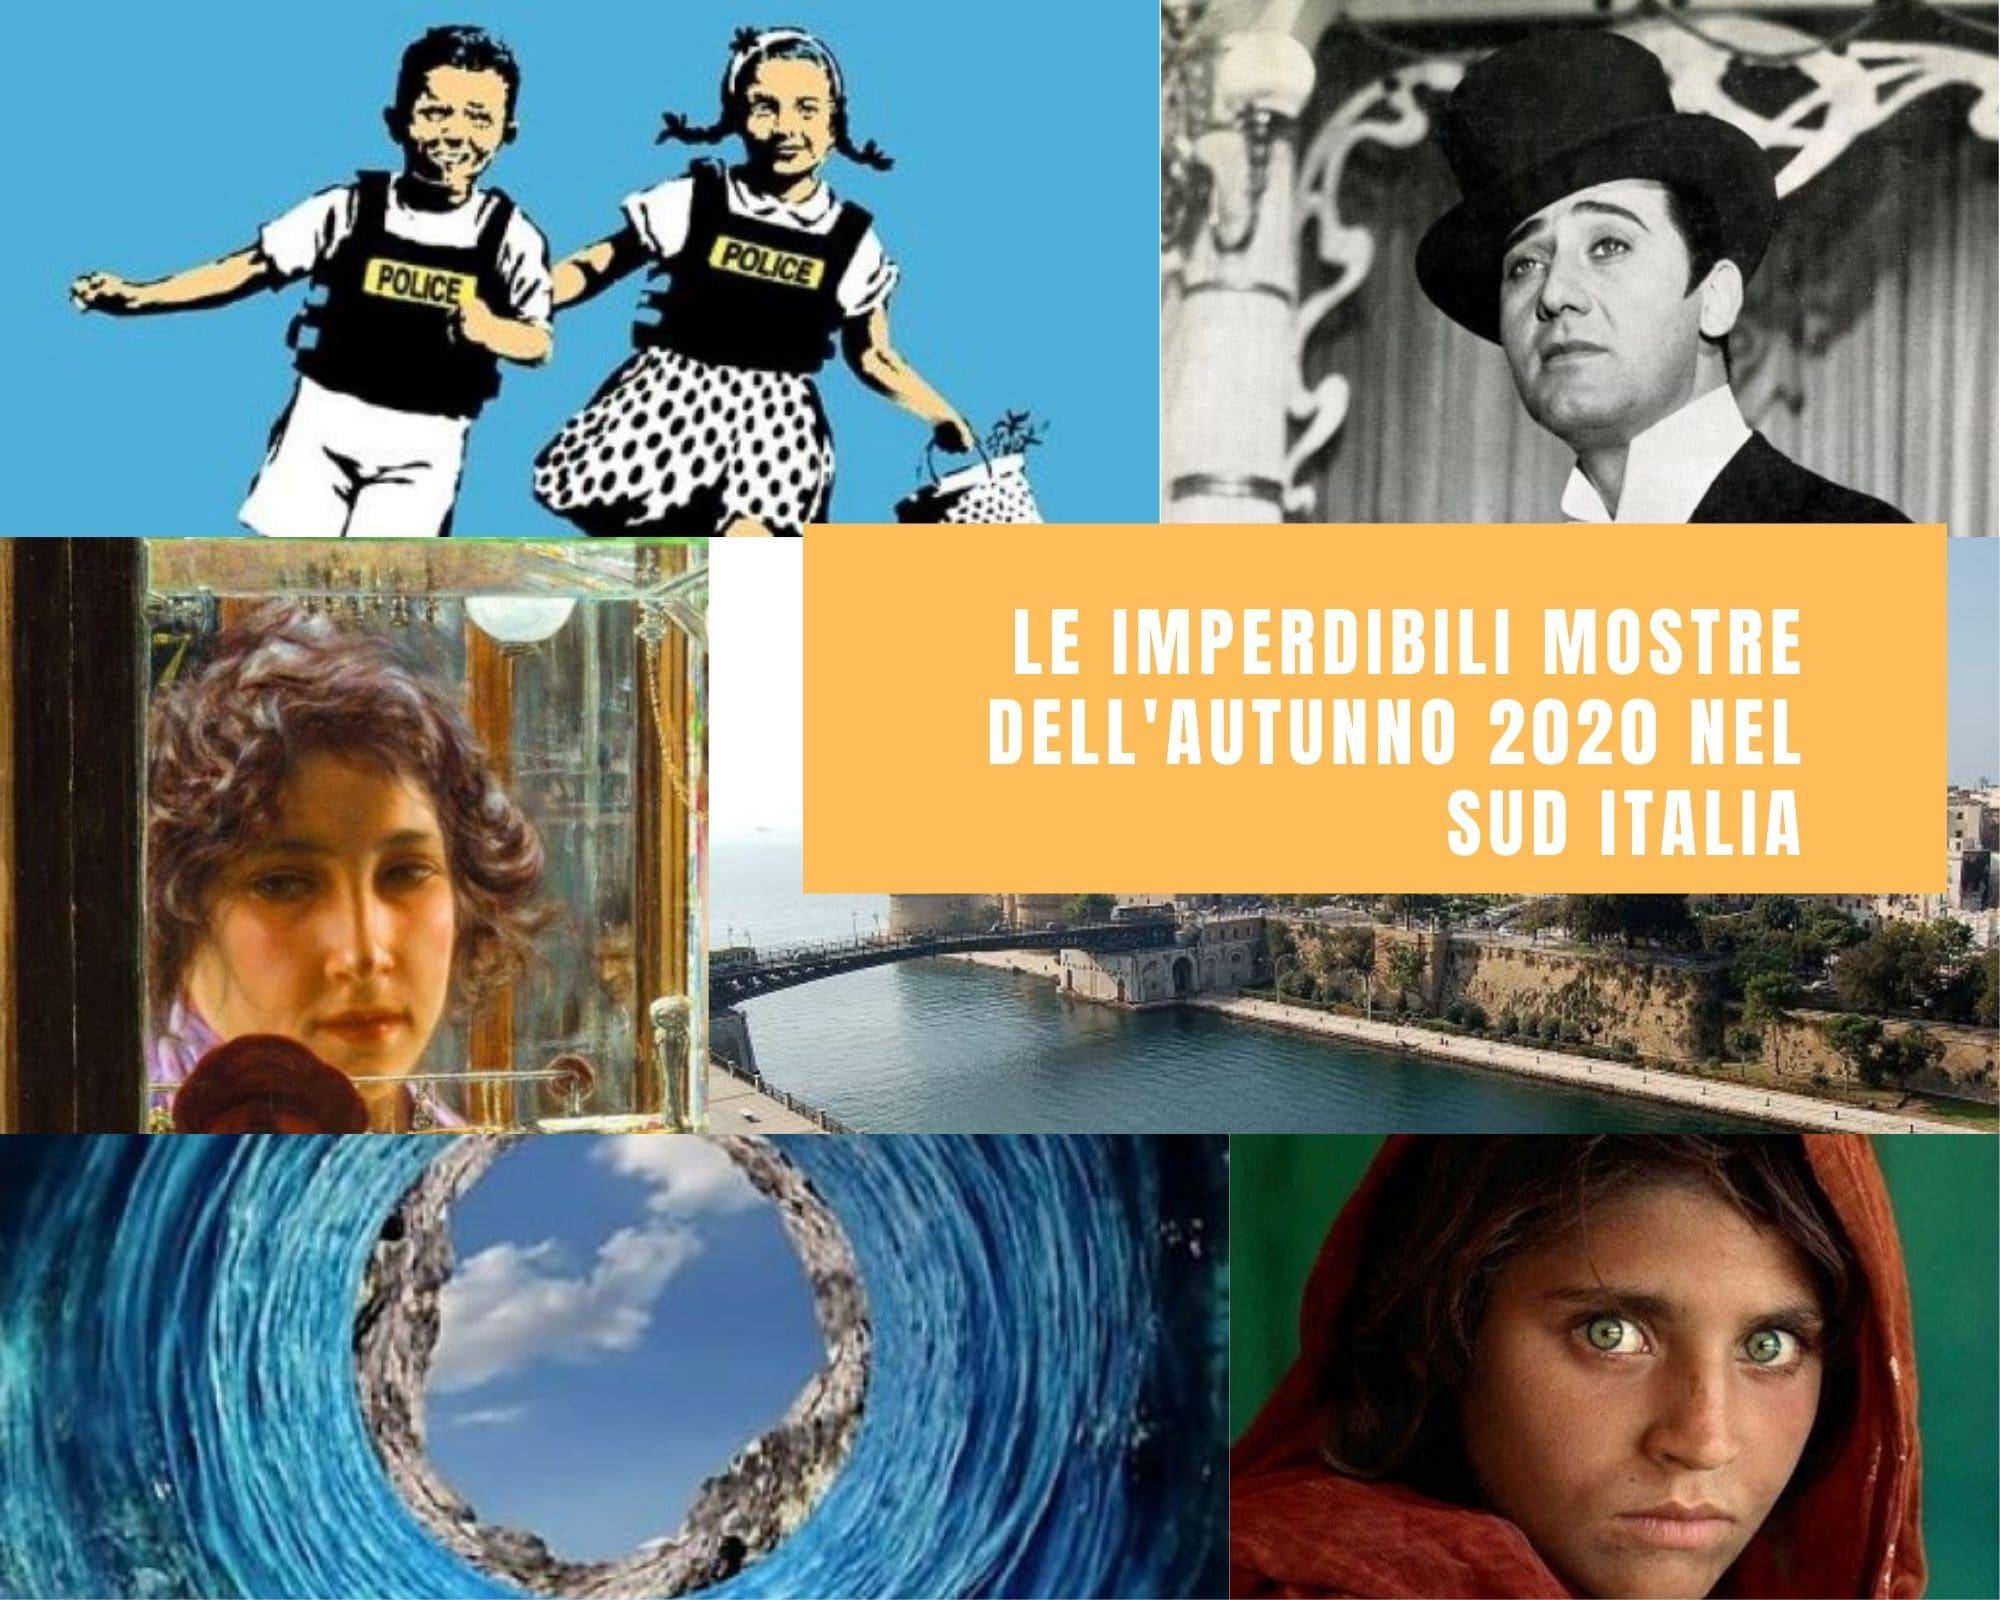 Le imperdibili mostre dell'autunno 2020 nel Sud Italia